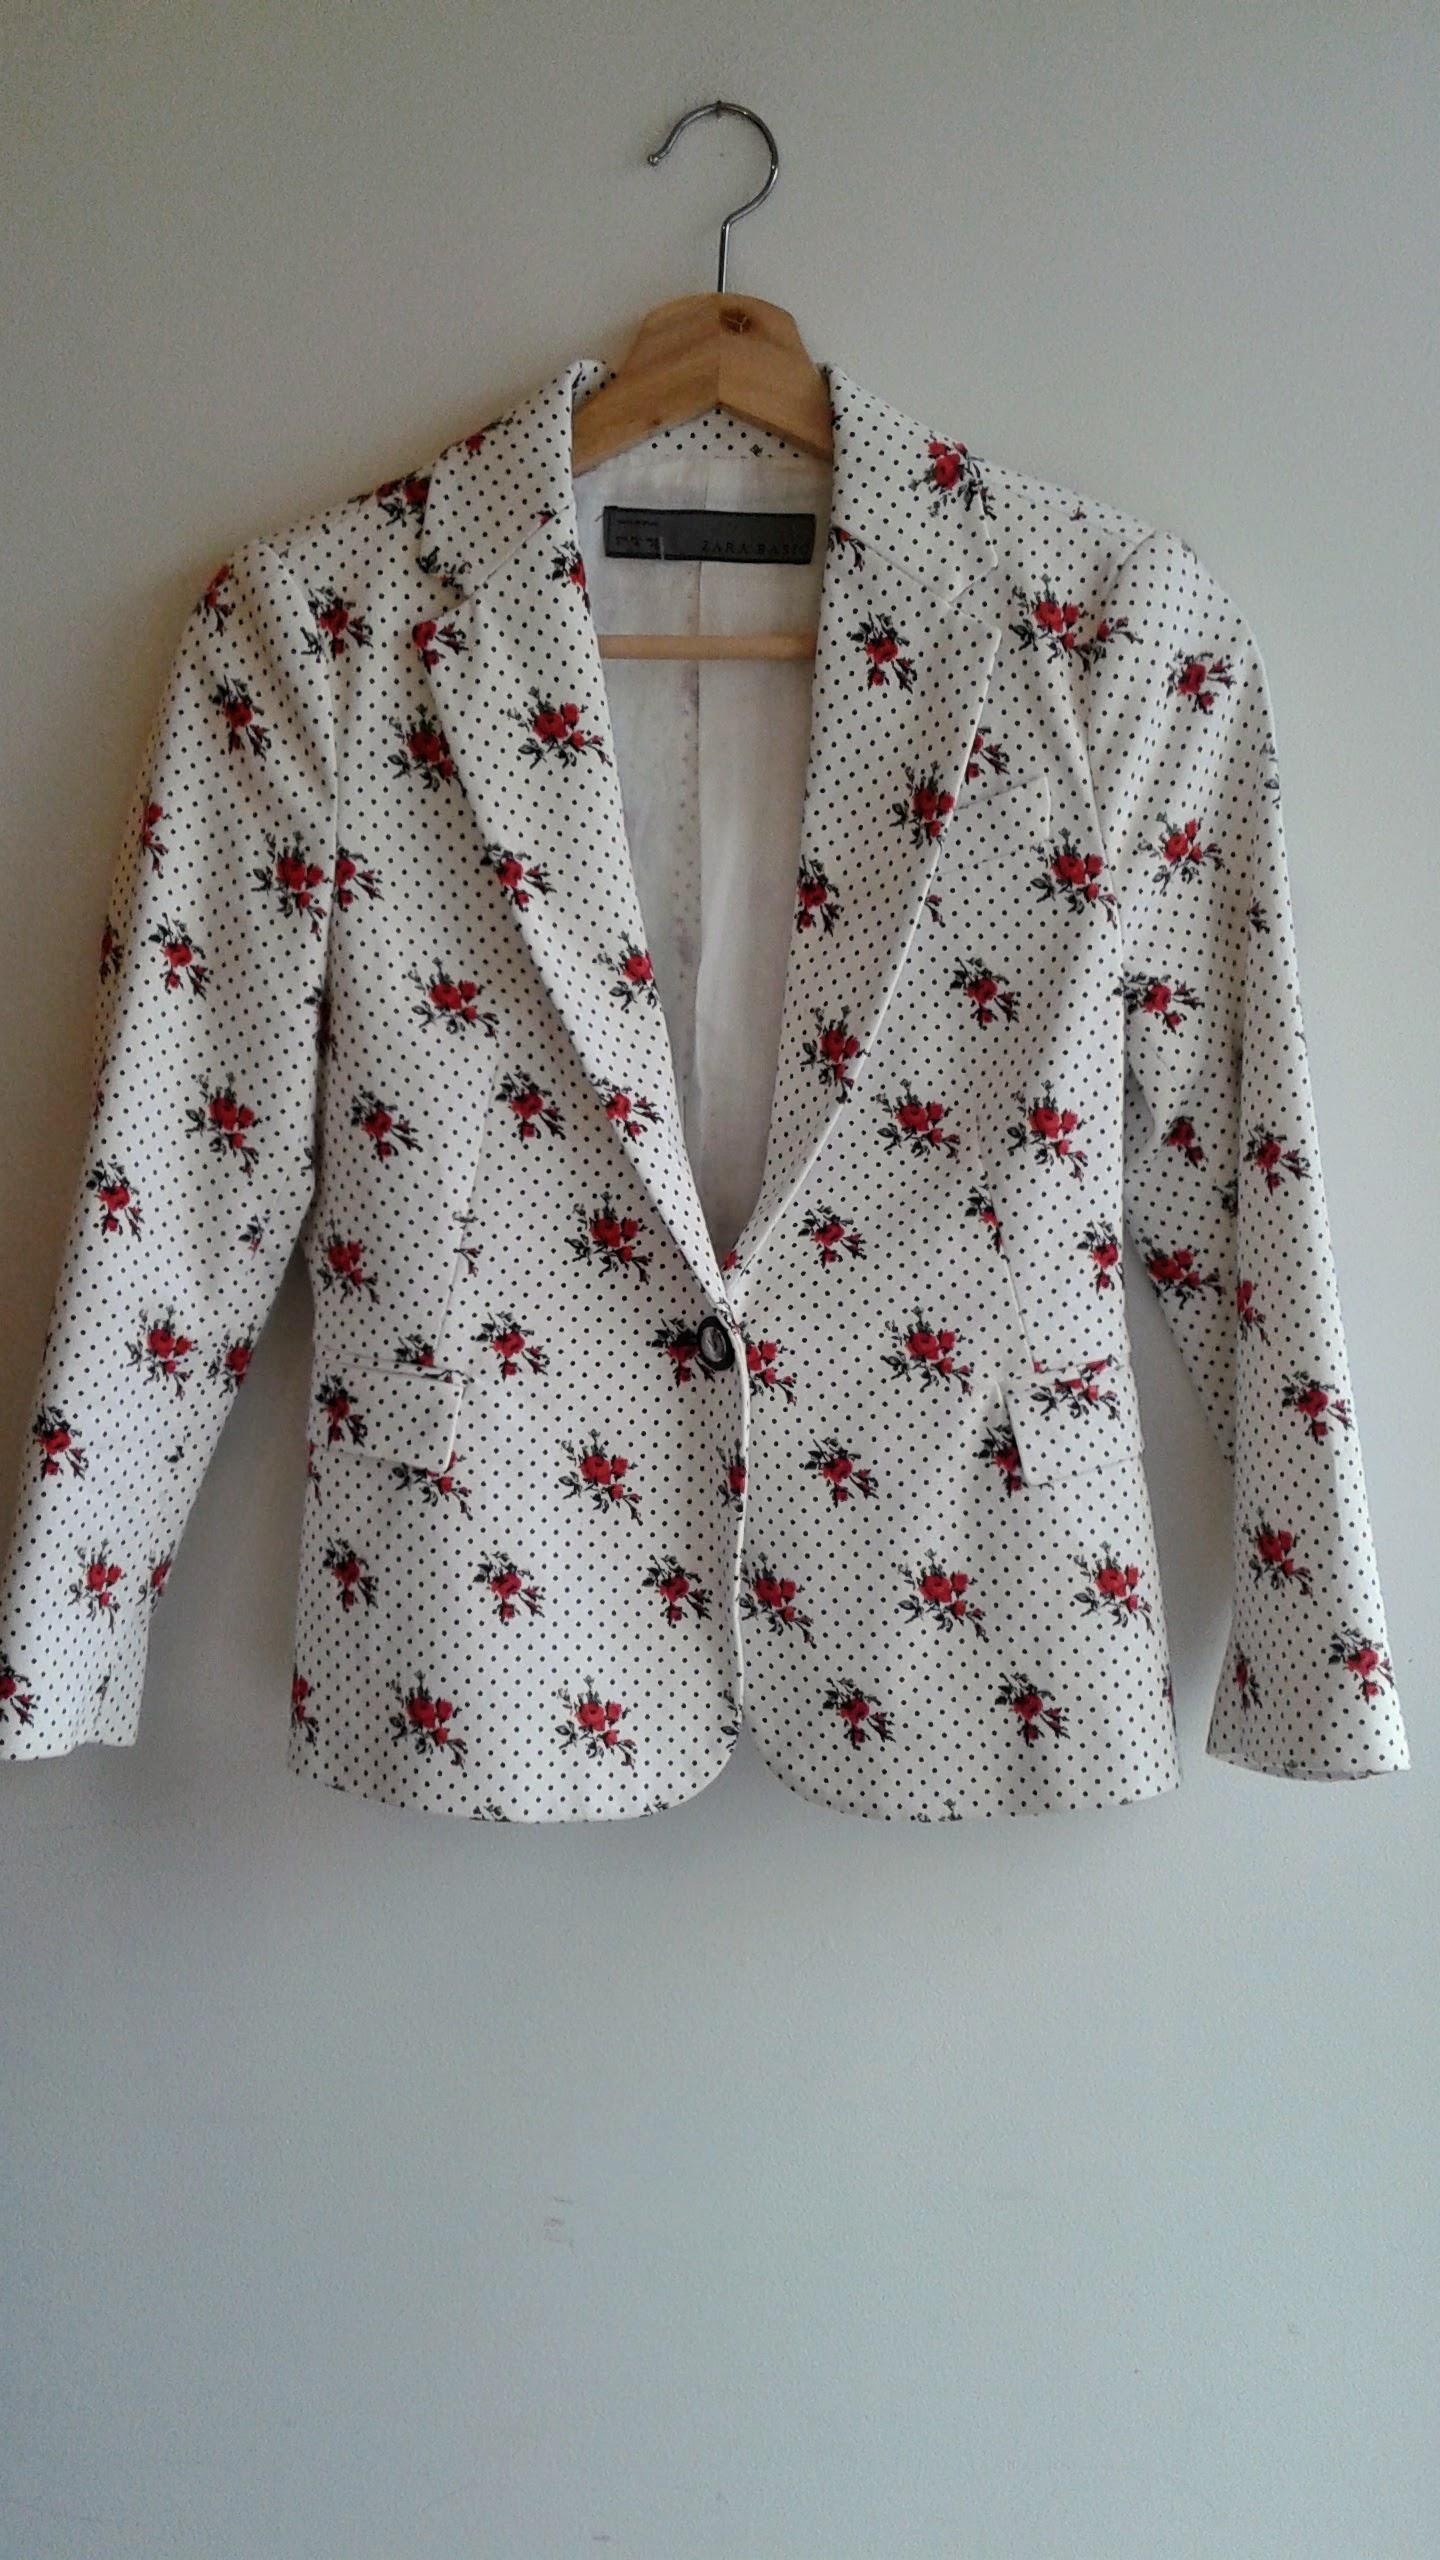 Zara blazer; Size S, $34